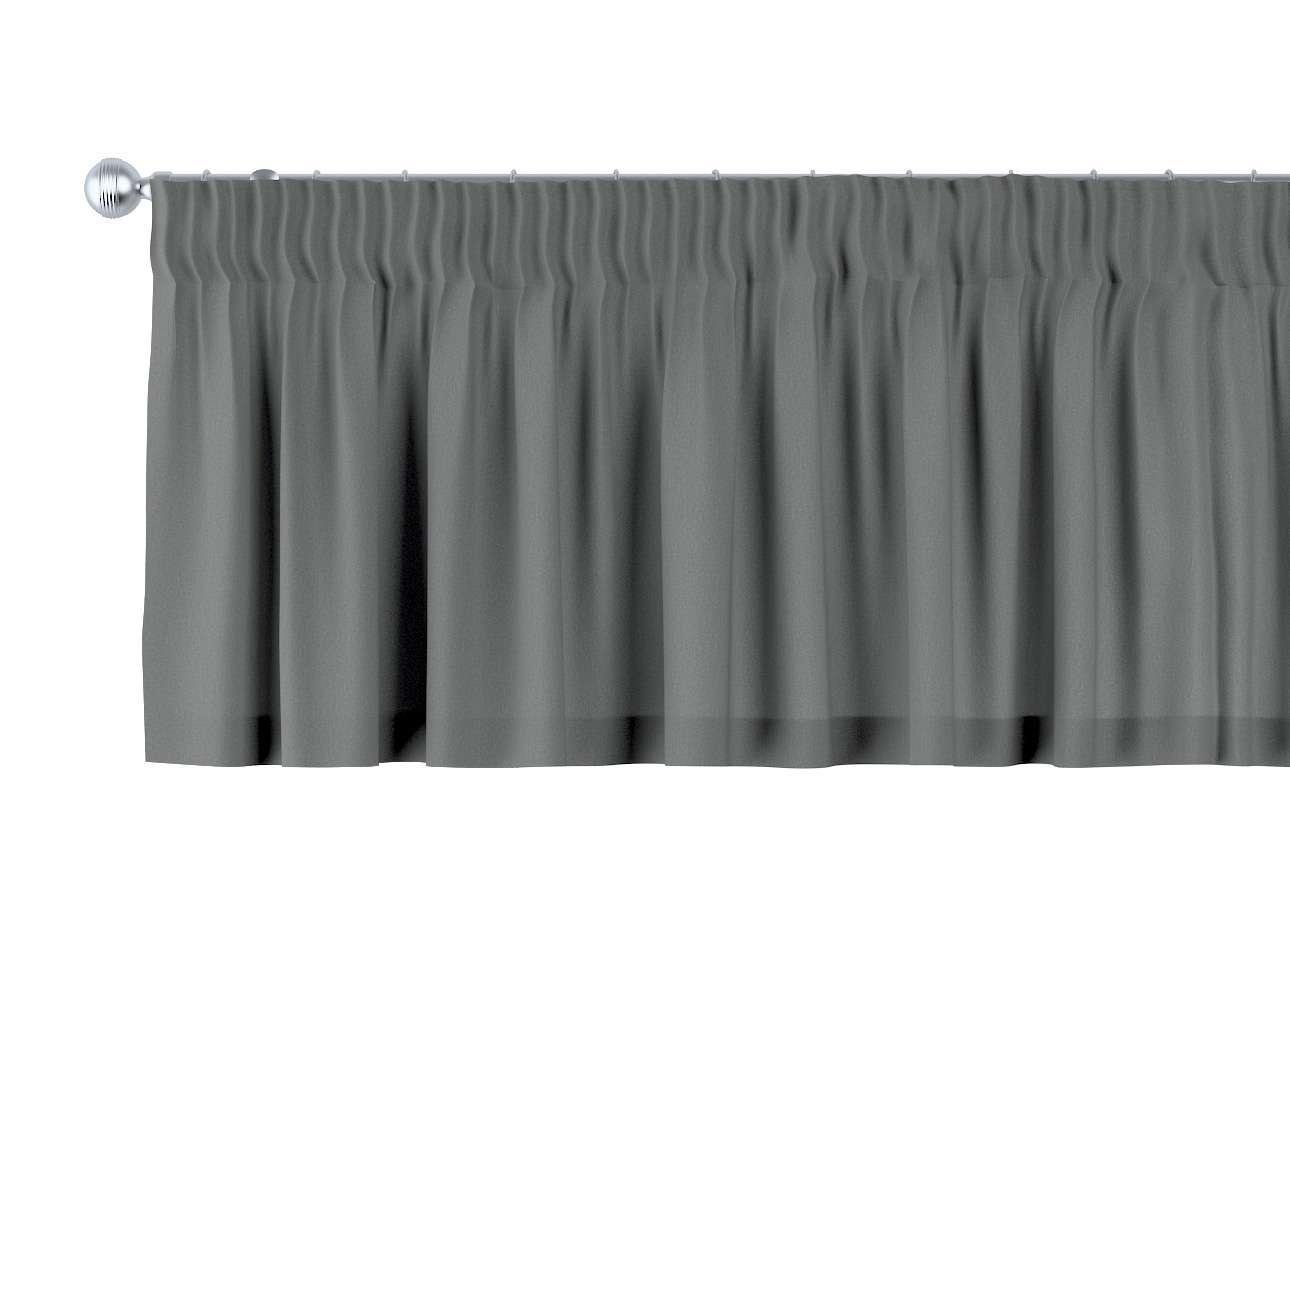 Pencil pleat pelmet in collection Quadro, fabric: 136-14